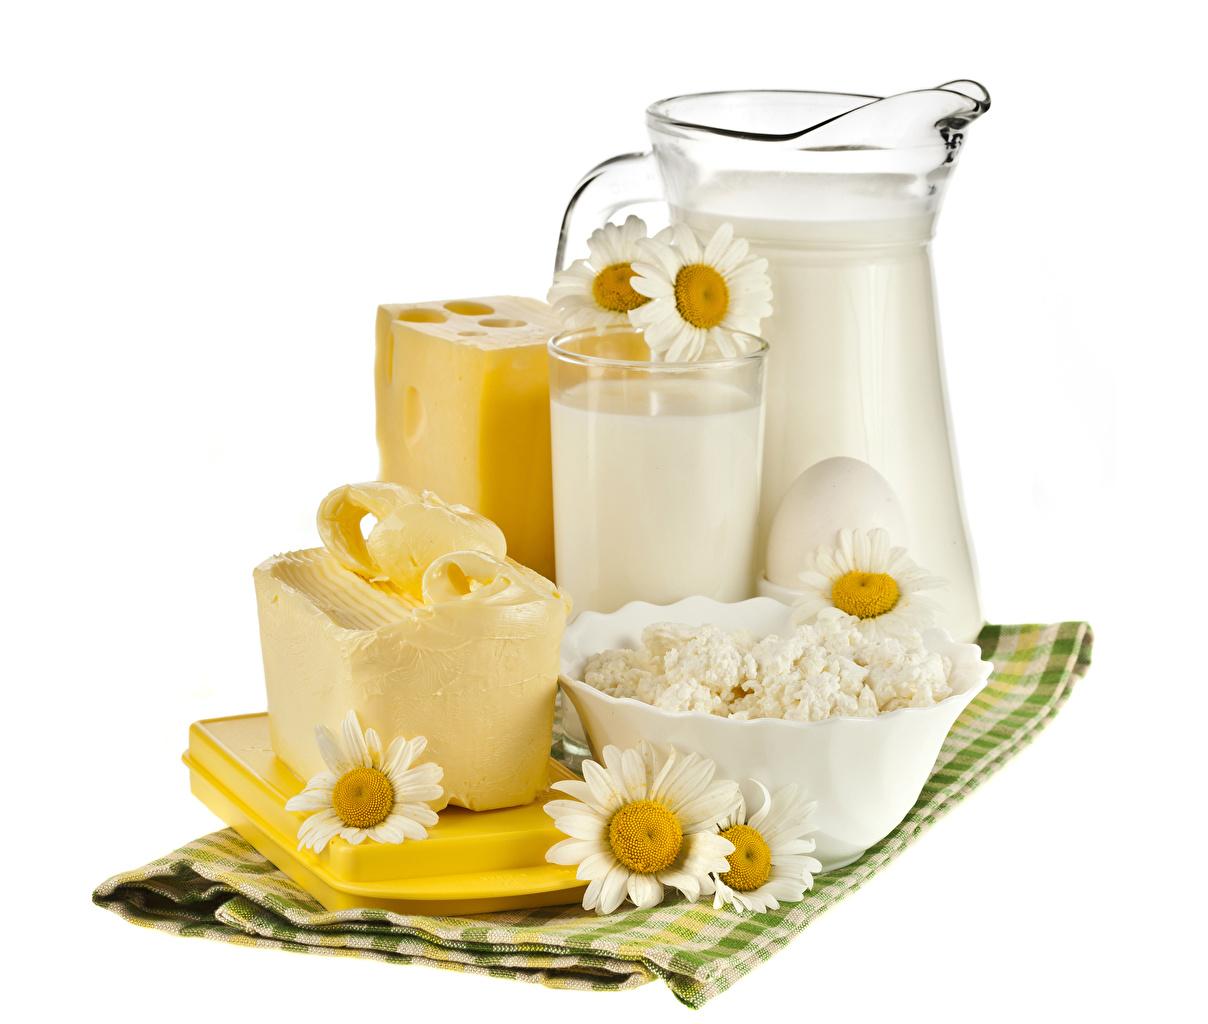 Обои Молоко Масло Творог Сыры Стакан Кувшин Ромашки Еда Белый фон Пища Продукты питания